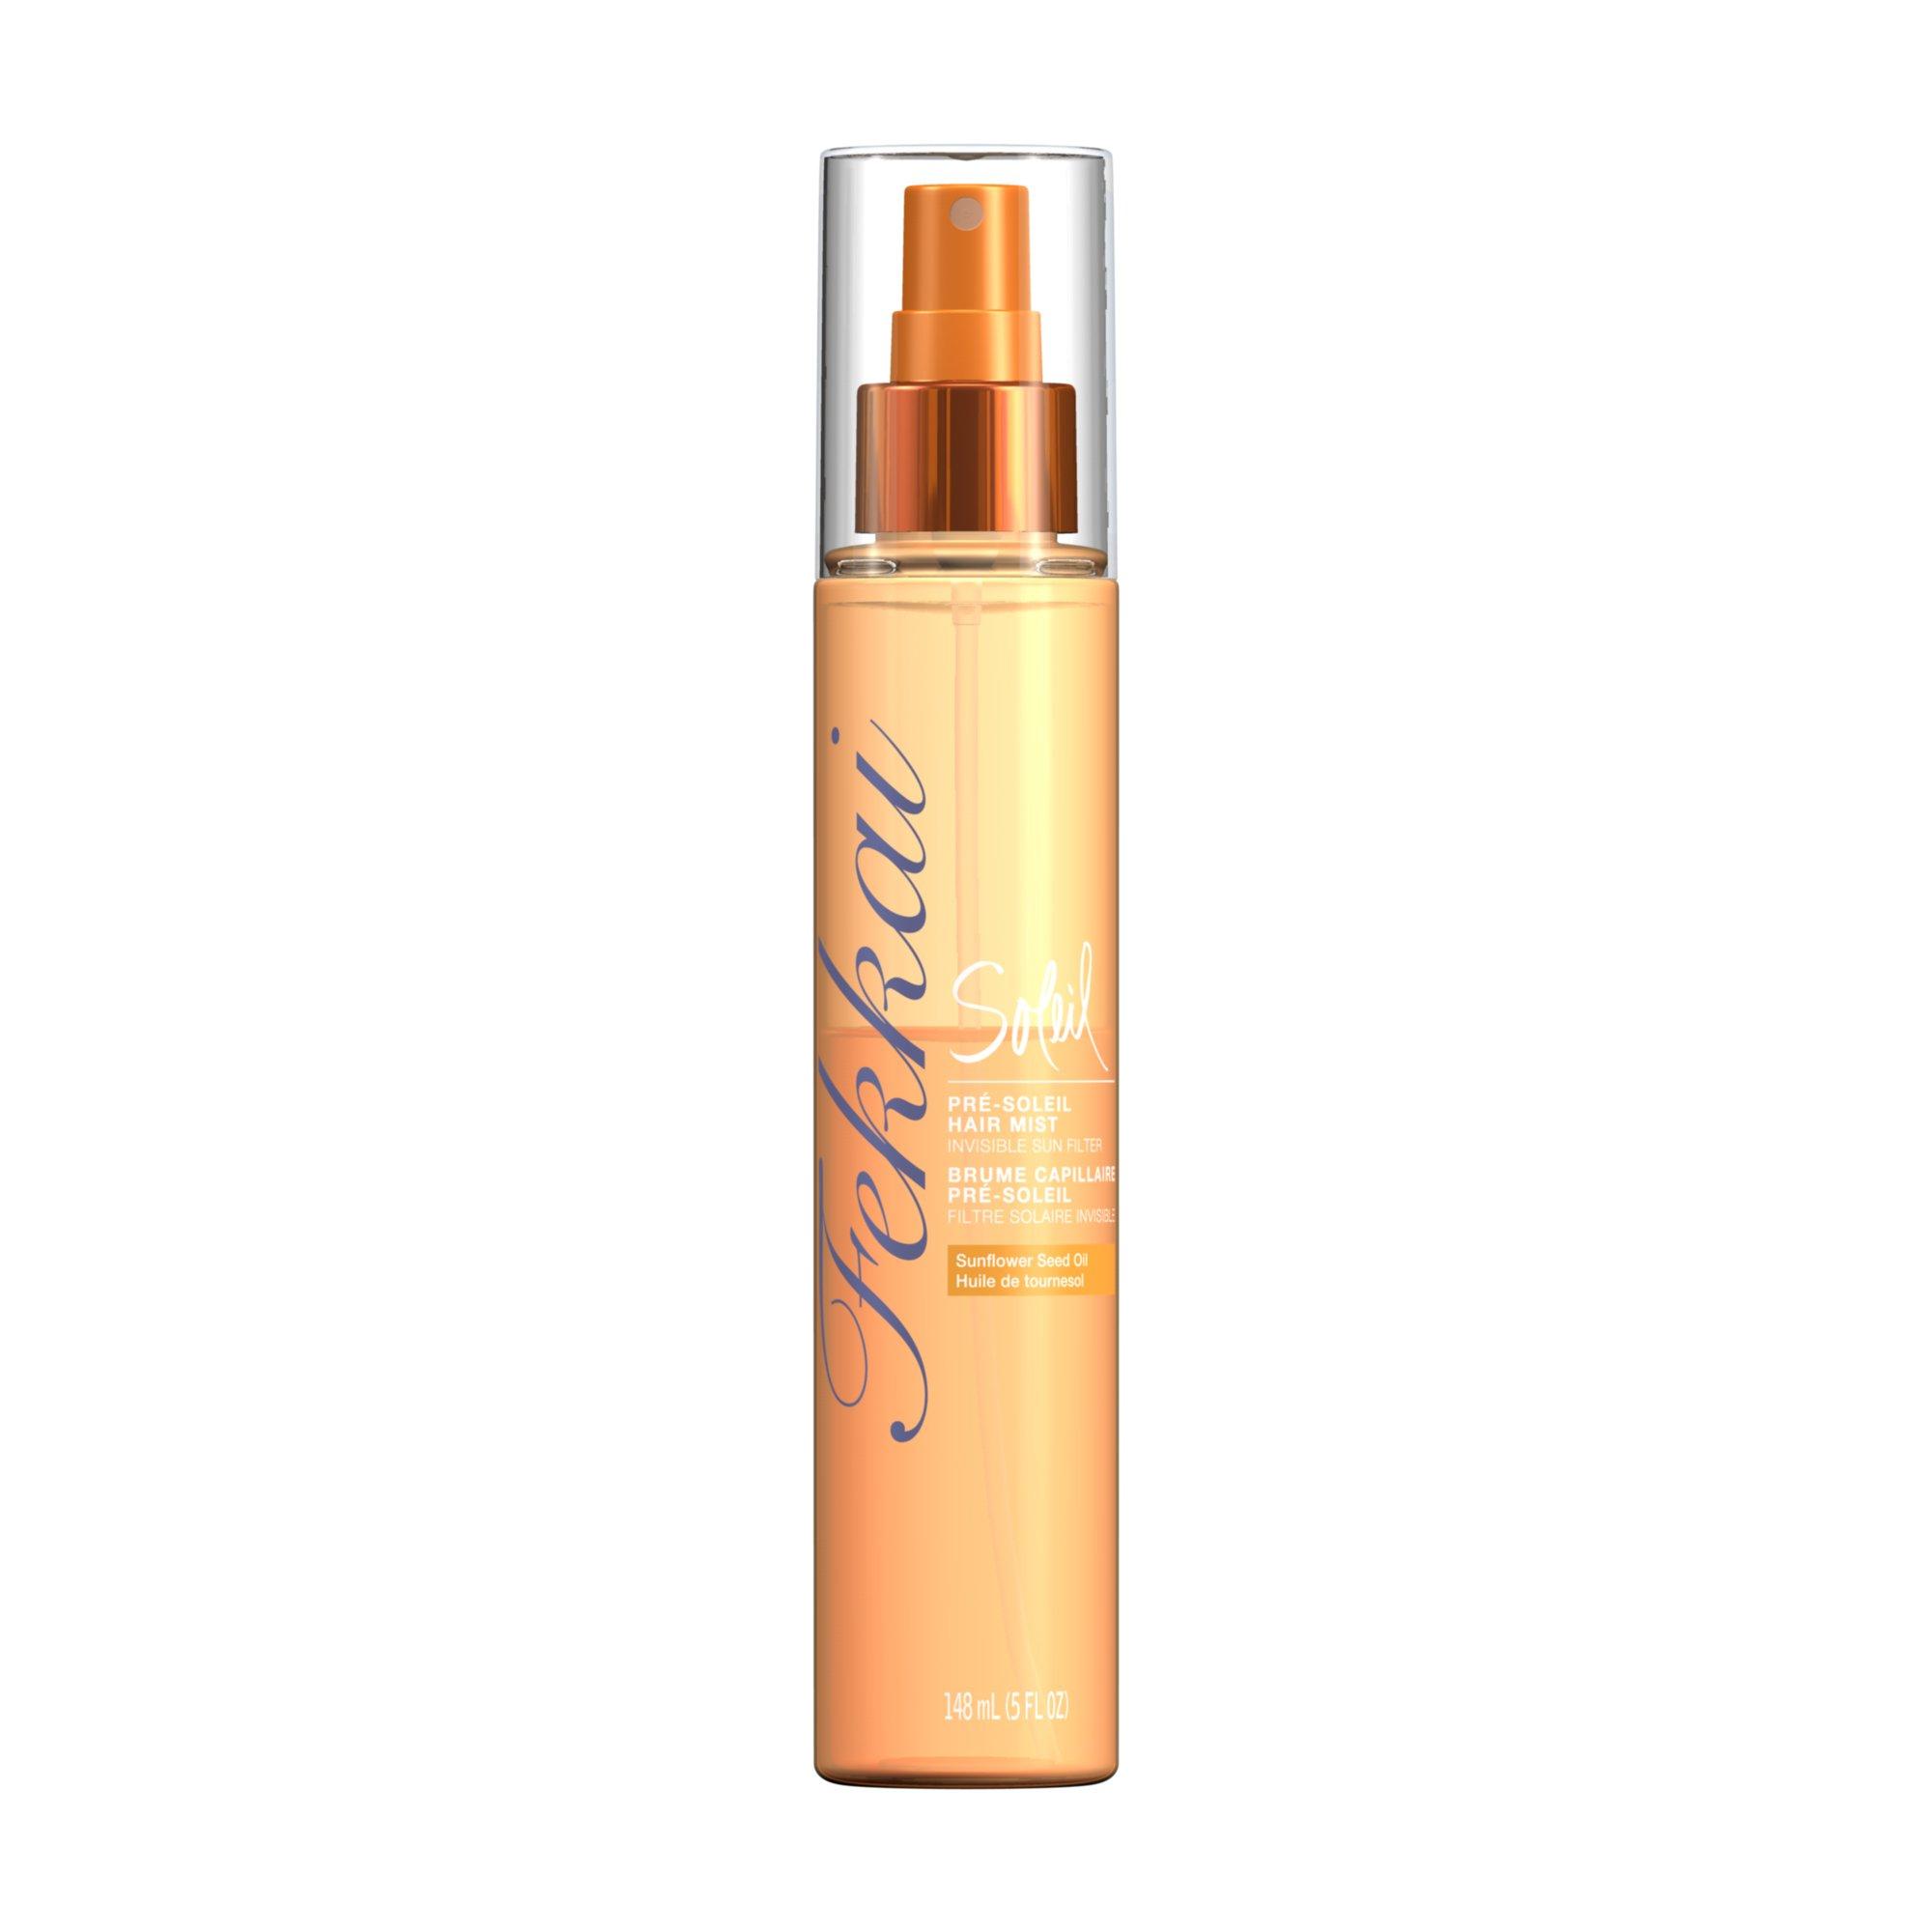 Fekkai  Pr-Soleil Hair Radiance and Protection Mist, 5 Fluid Ounce